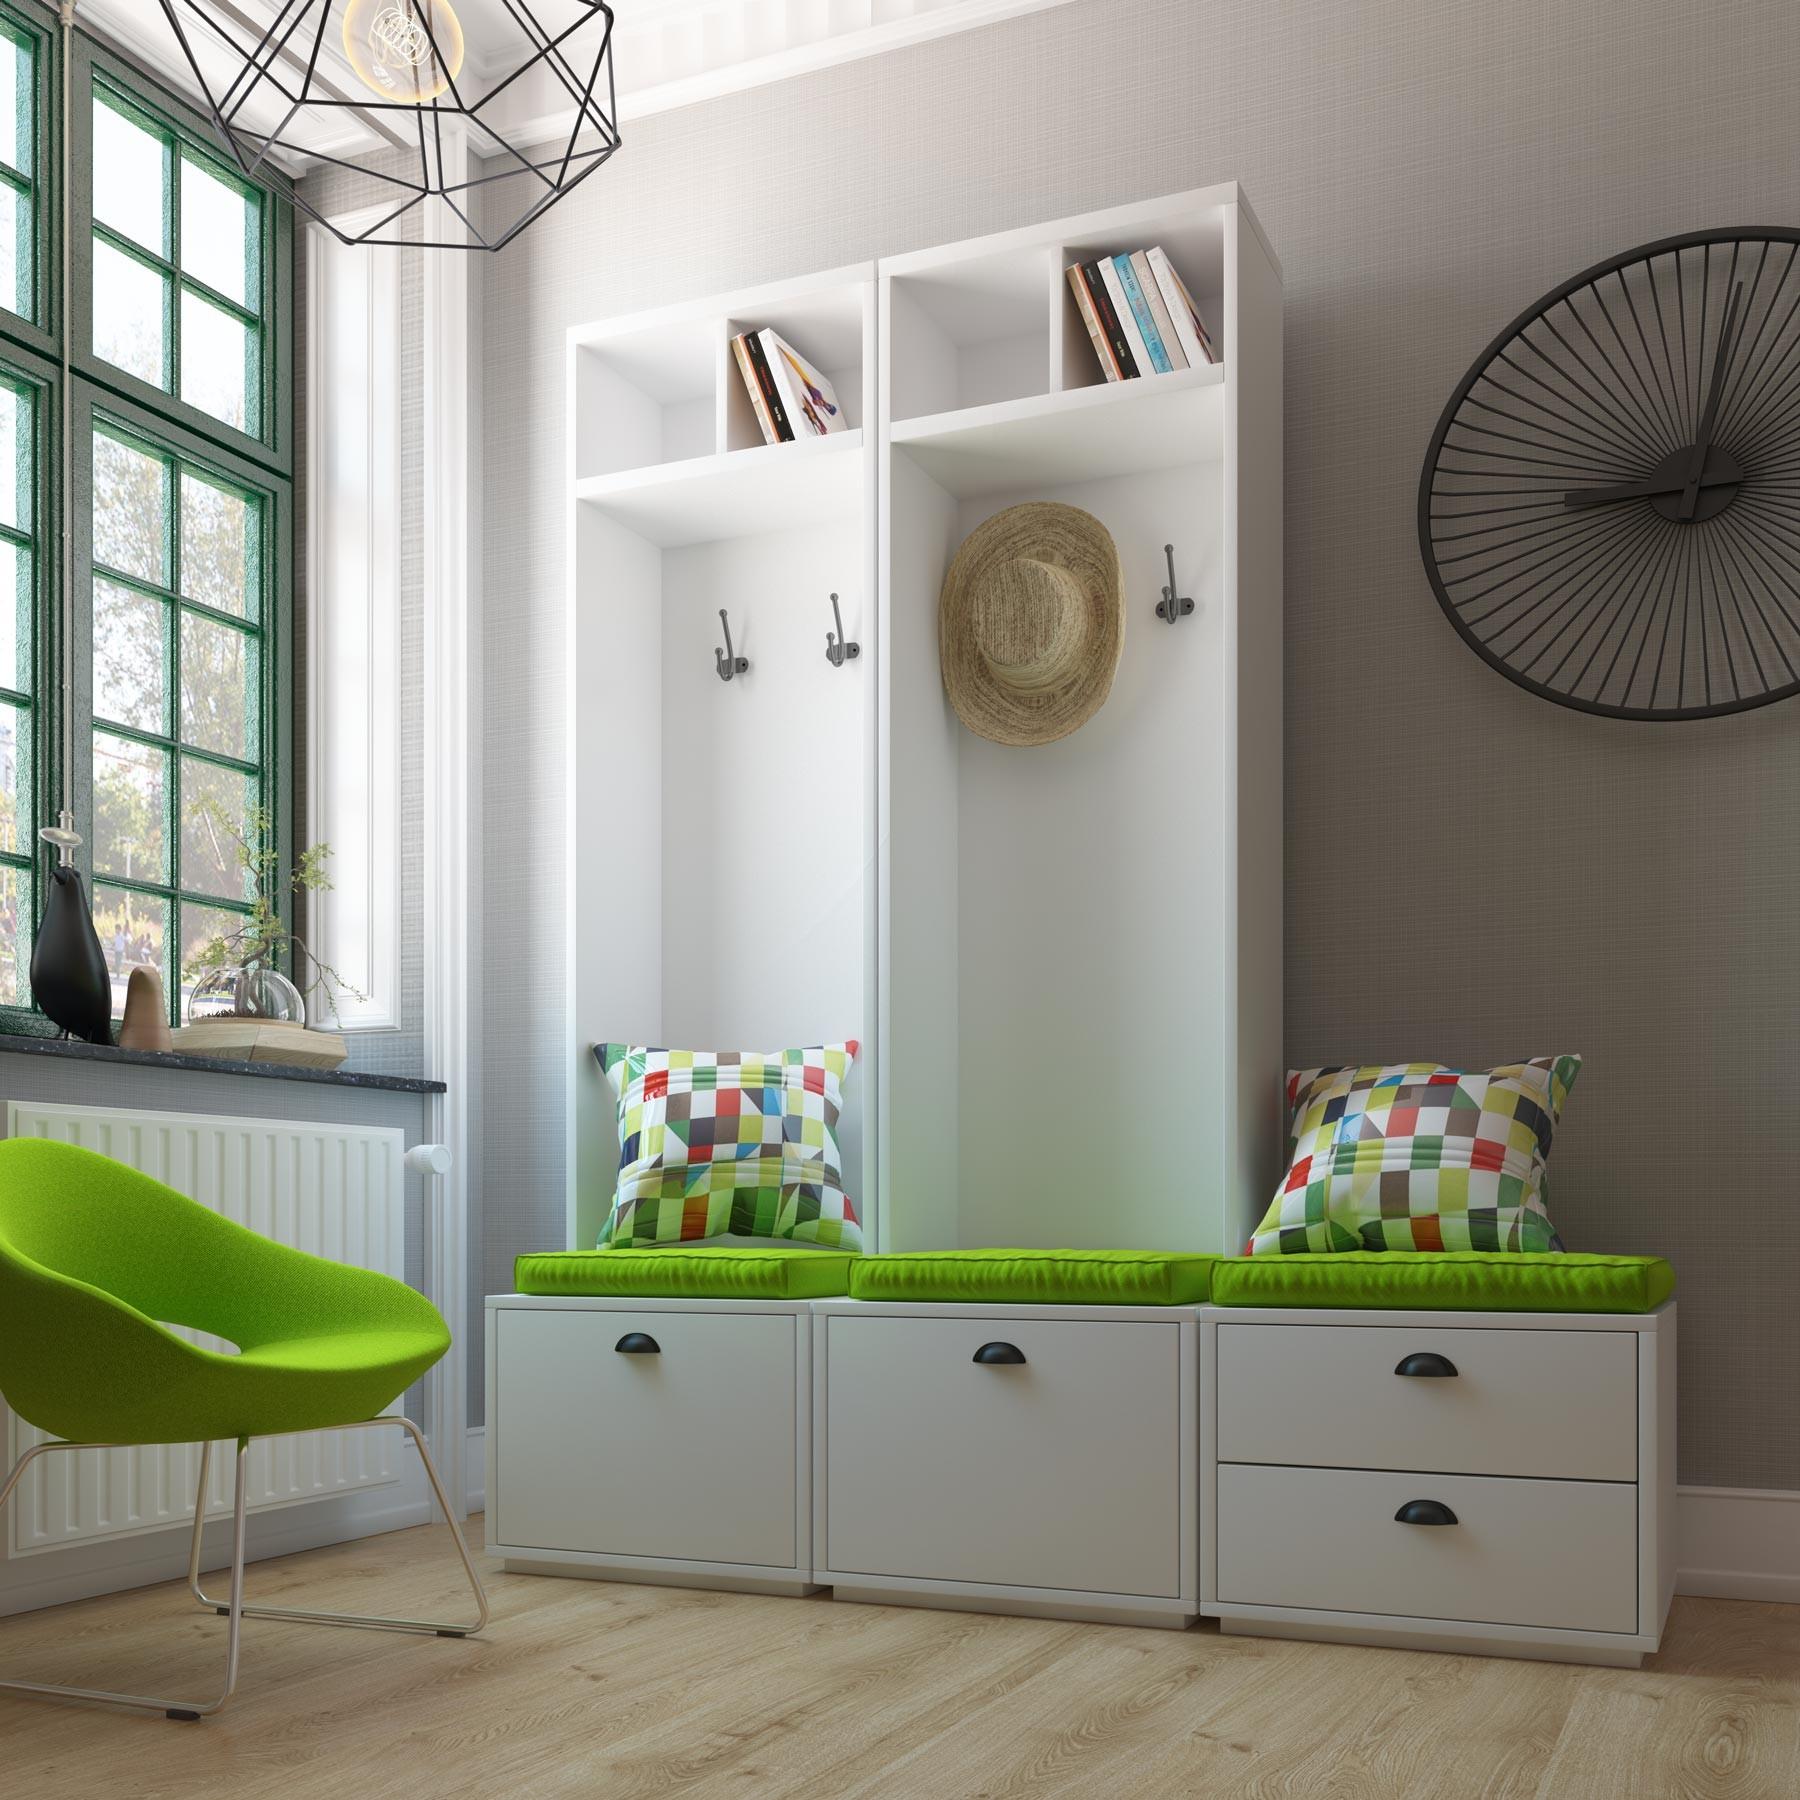 Mueble recibidor lacado modular pezzi for Mueble recibidor diseno